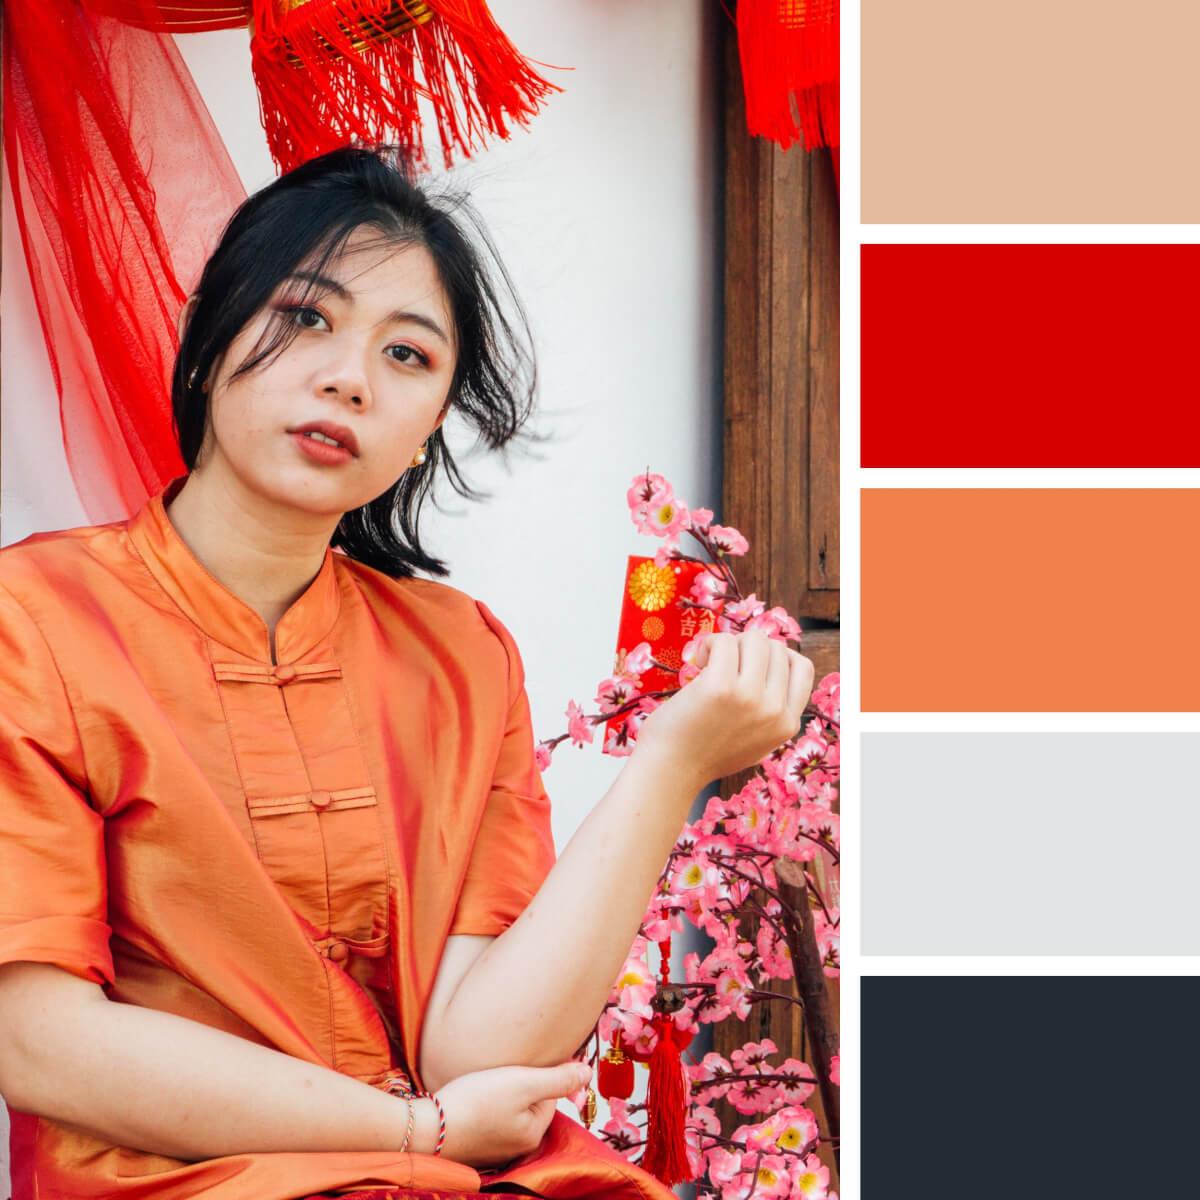 Chinese Red & Orange